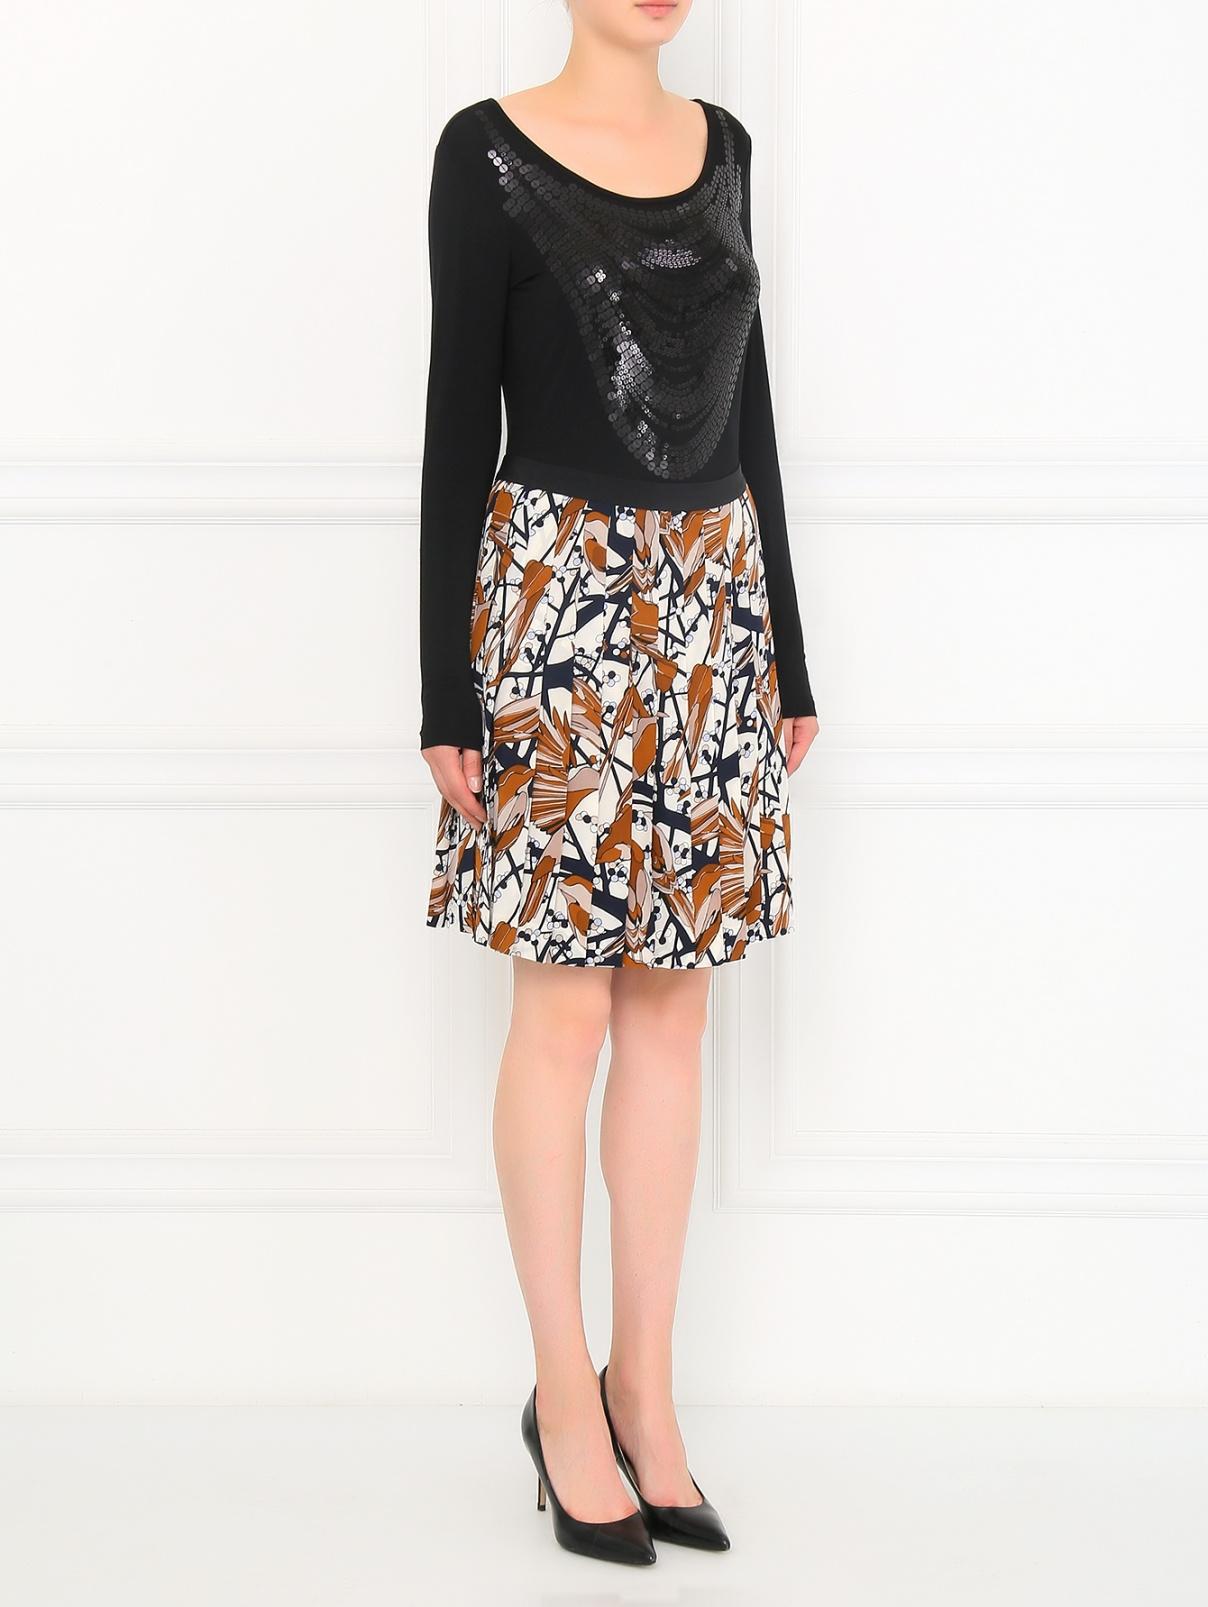 Юбка-мини из шелка с цветочным узором Marc by Marc Jacobs  –  Модель Общий вид  – Цвет:  Бежевый